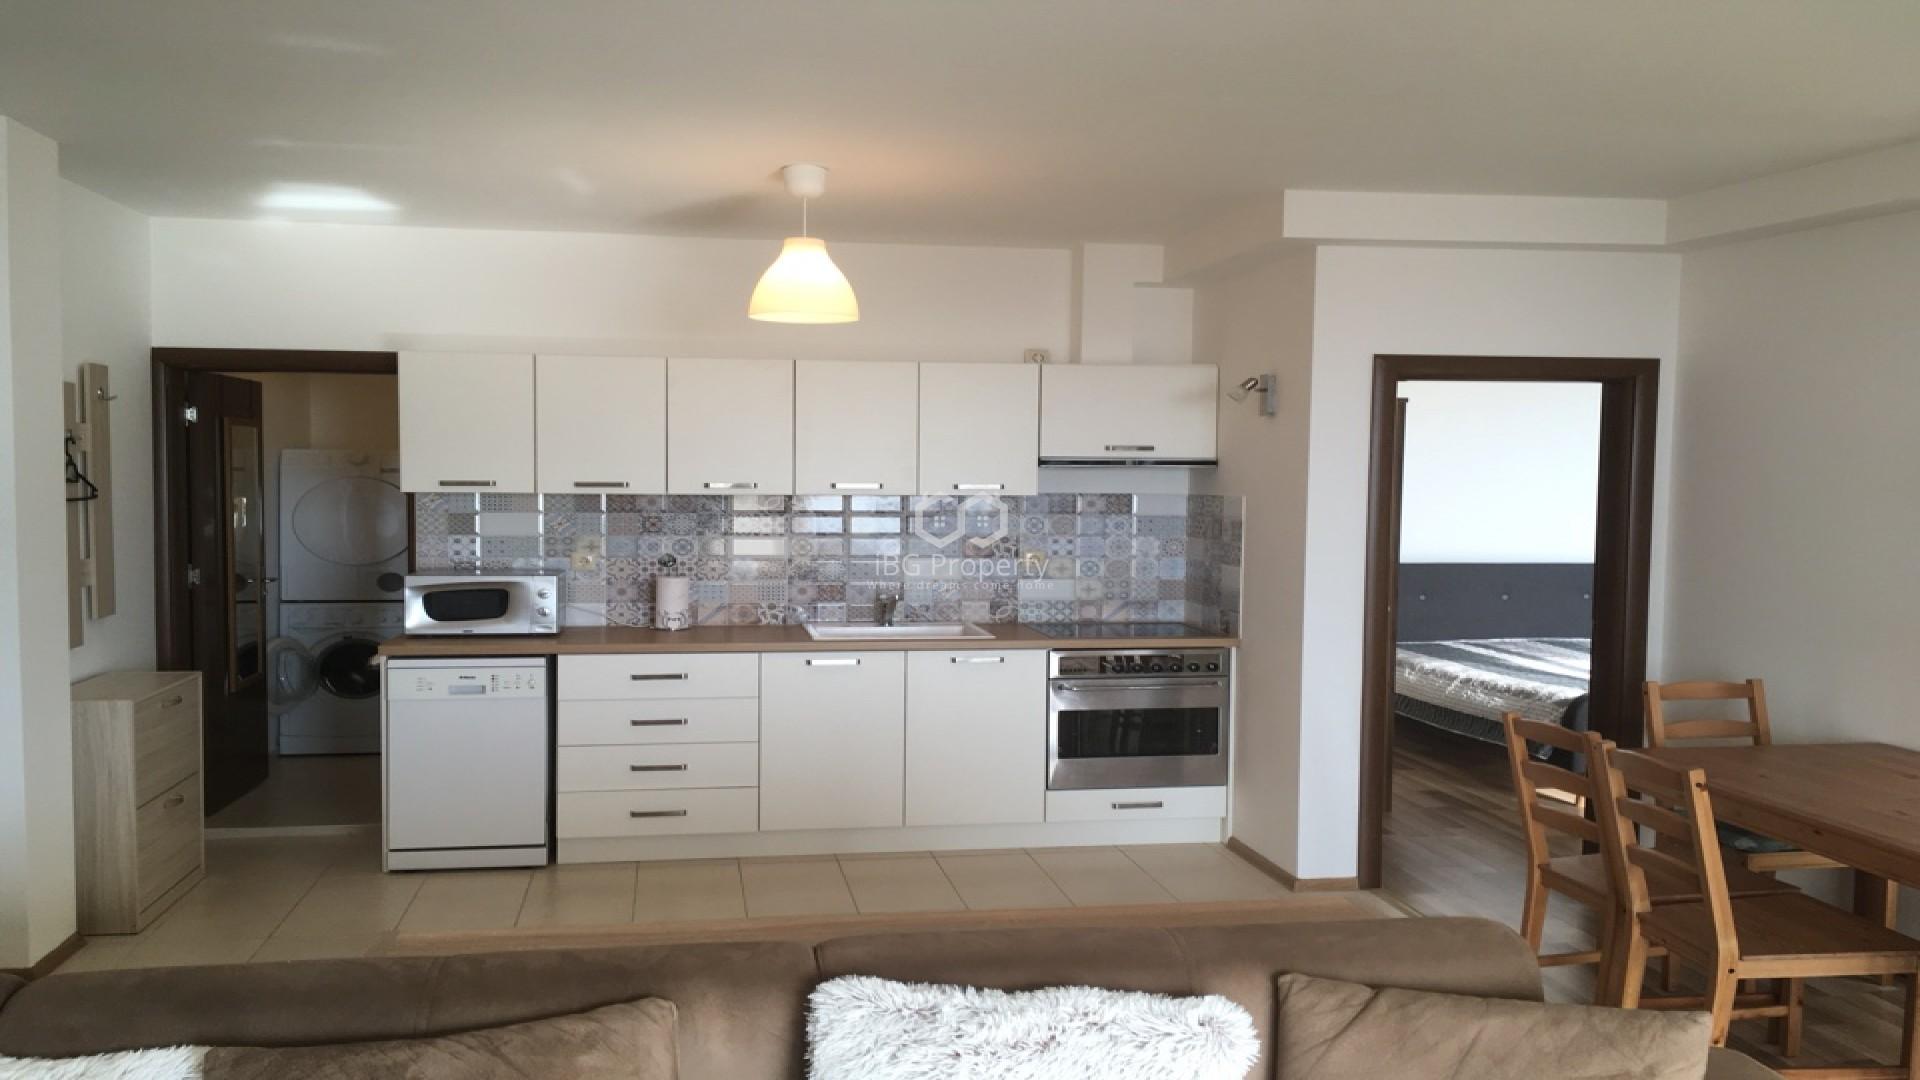 Zweizimmerwohnung in Briz Varna 72 m2